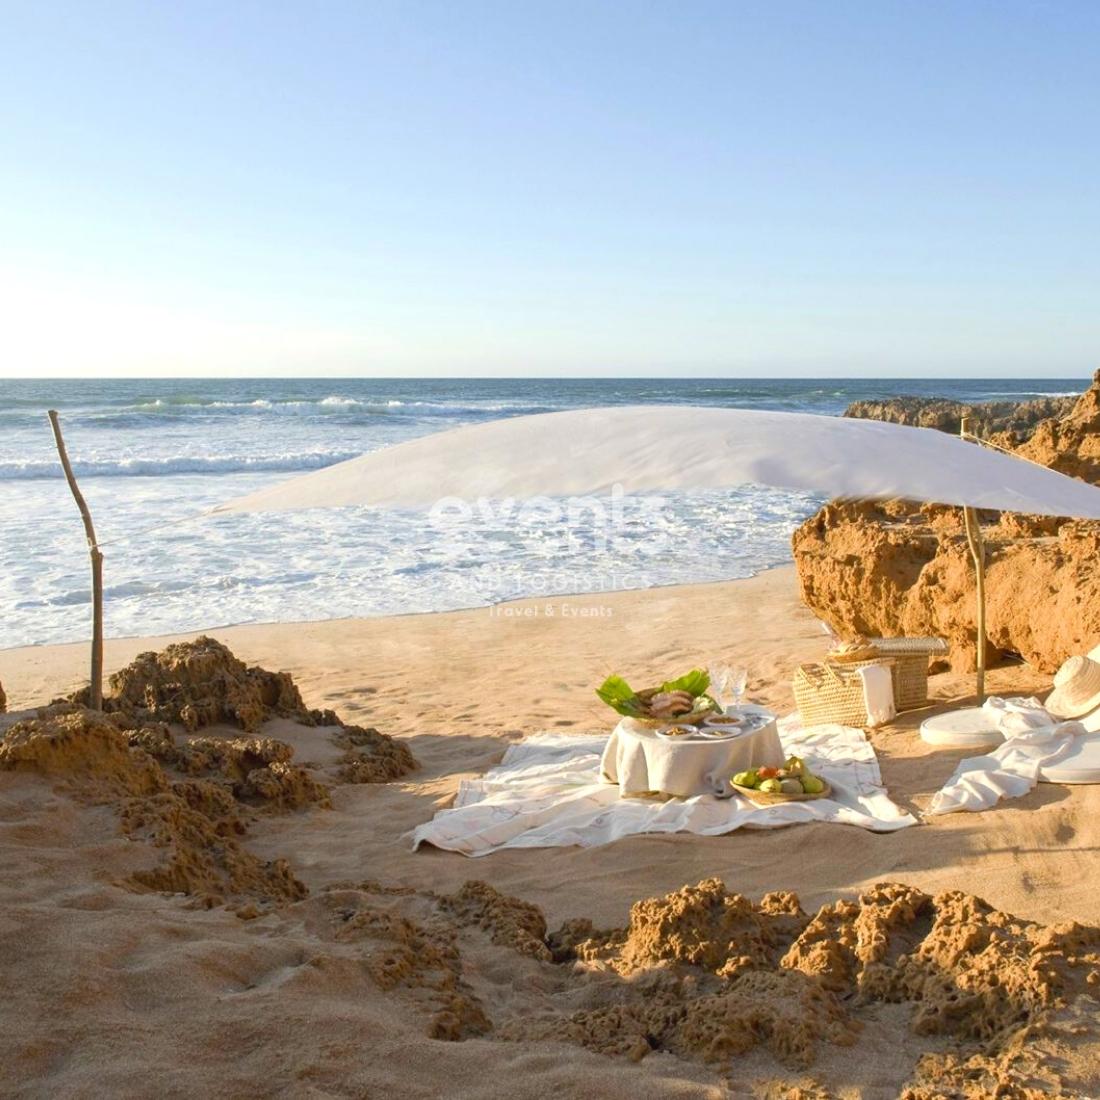 Excursion à Oualidia, la perle de l'Atlantique. Au départ de Marrakech